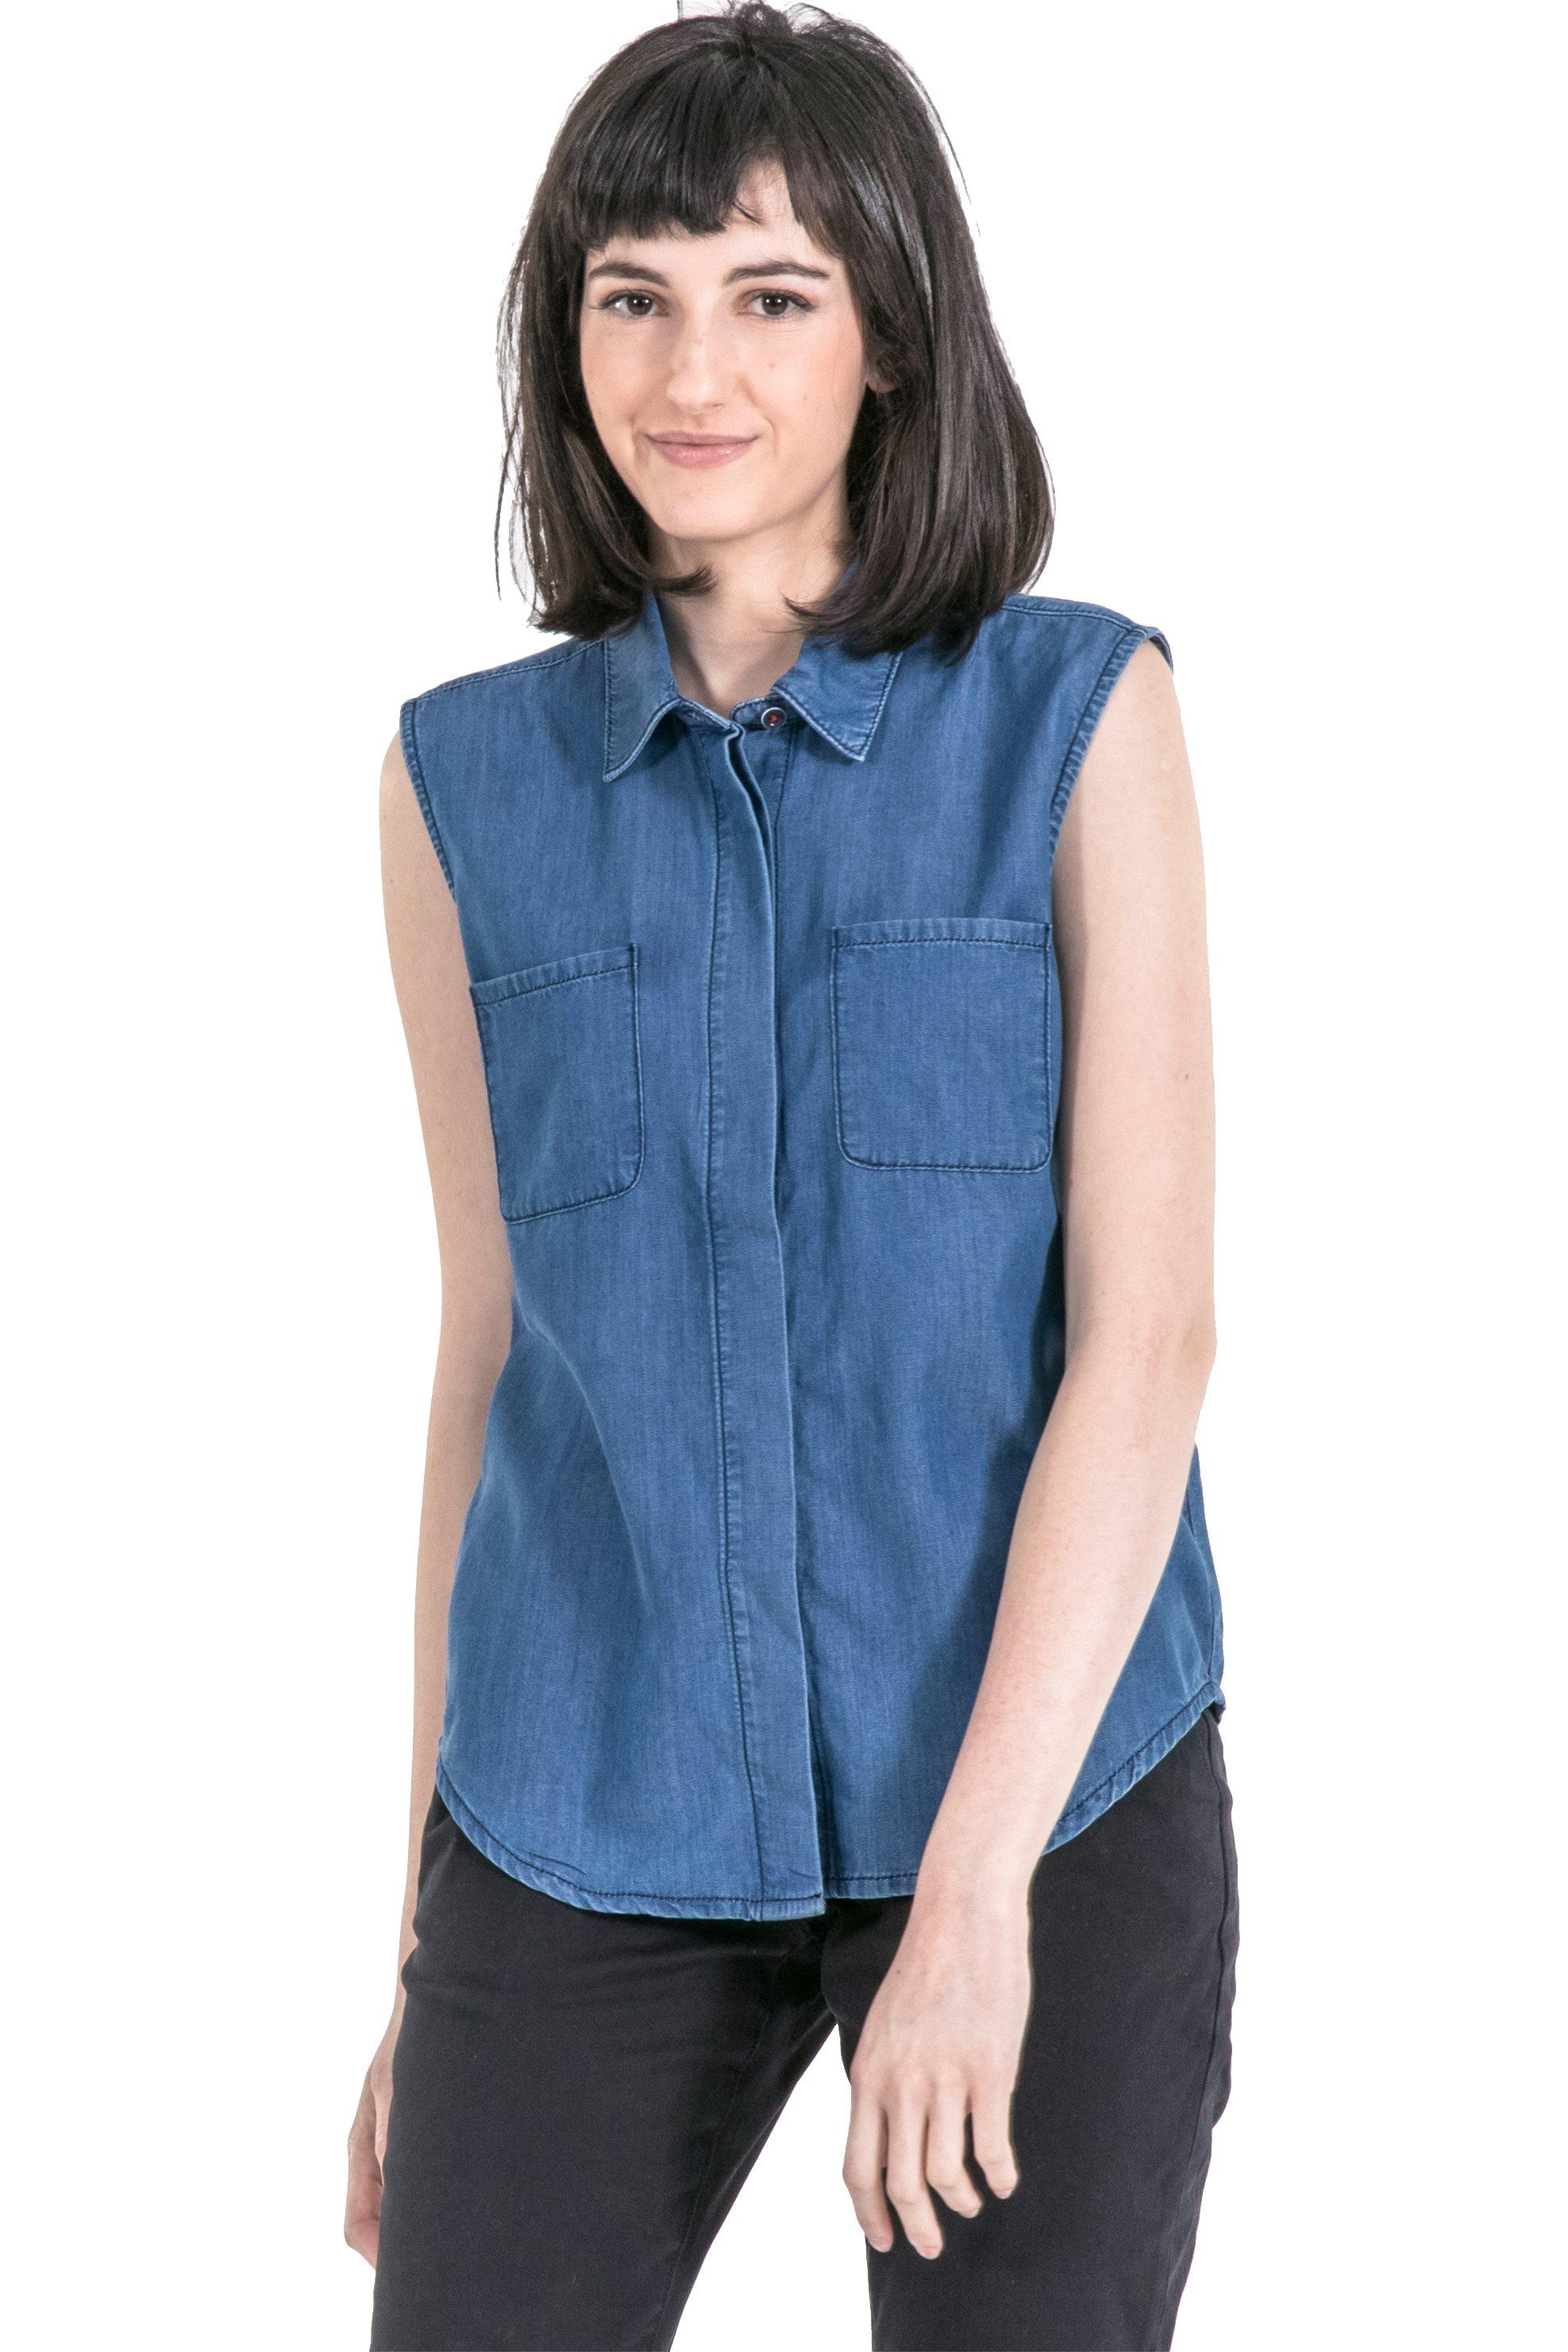 754a952f757d Notos Γυναικείο πουκάμισο Barbour - LSH1027 - Μπλε